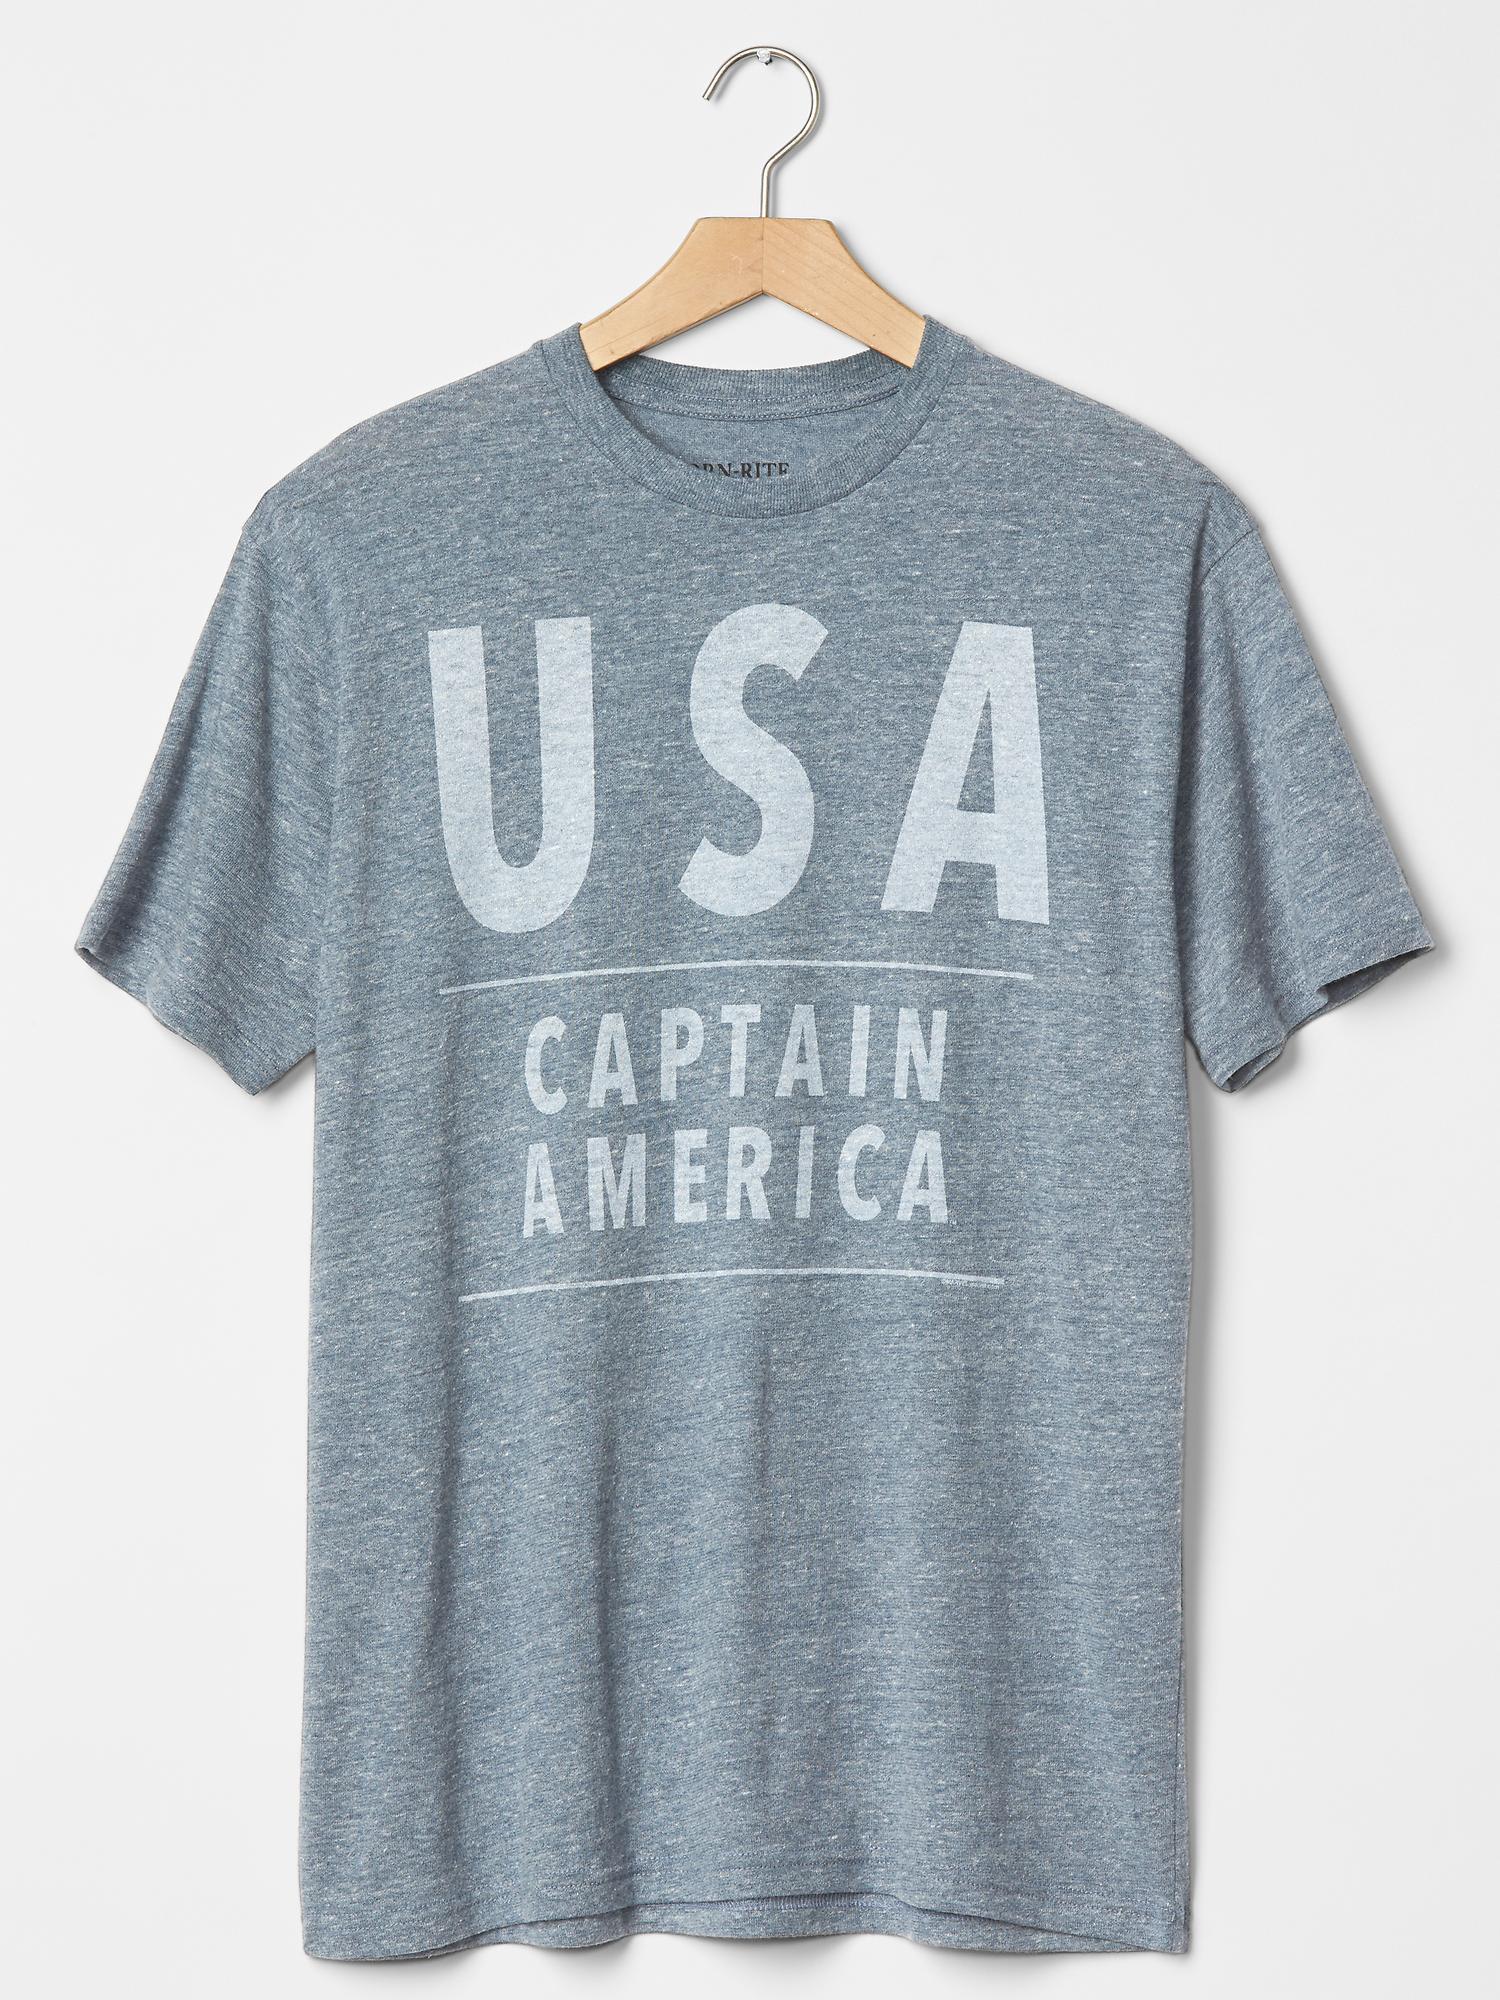 gap usa captain america t shirt in blue for men navy